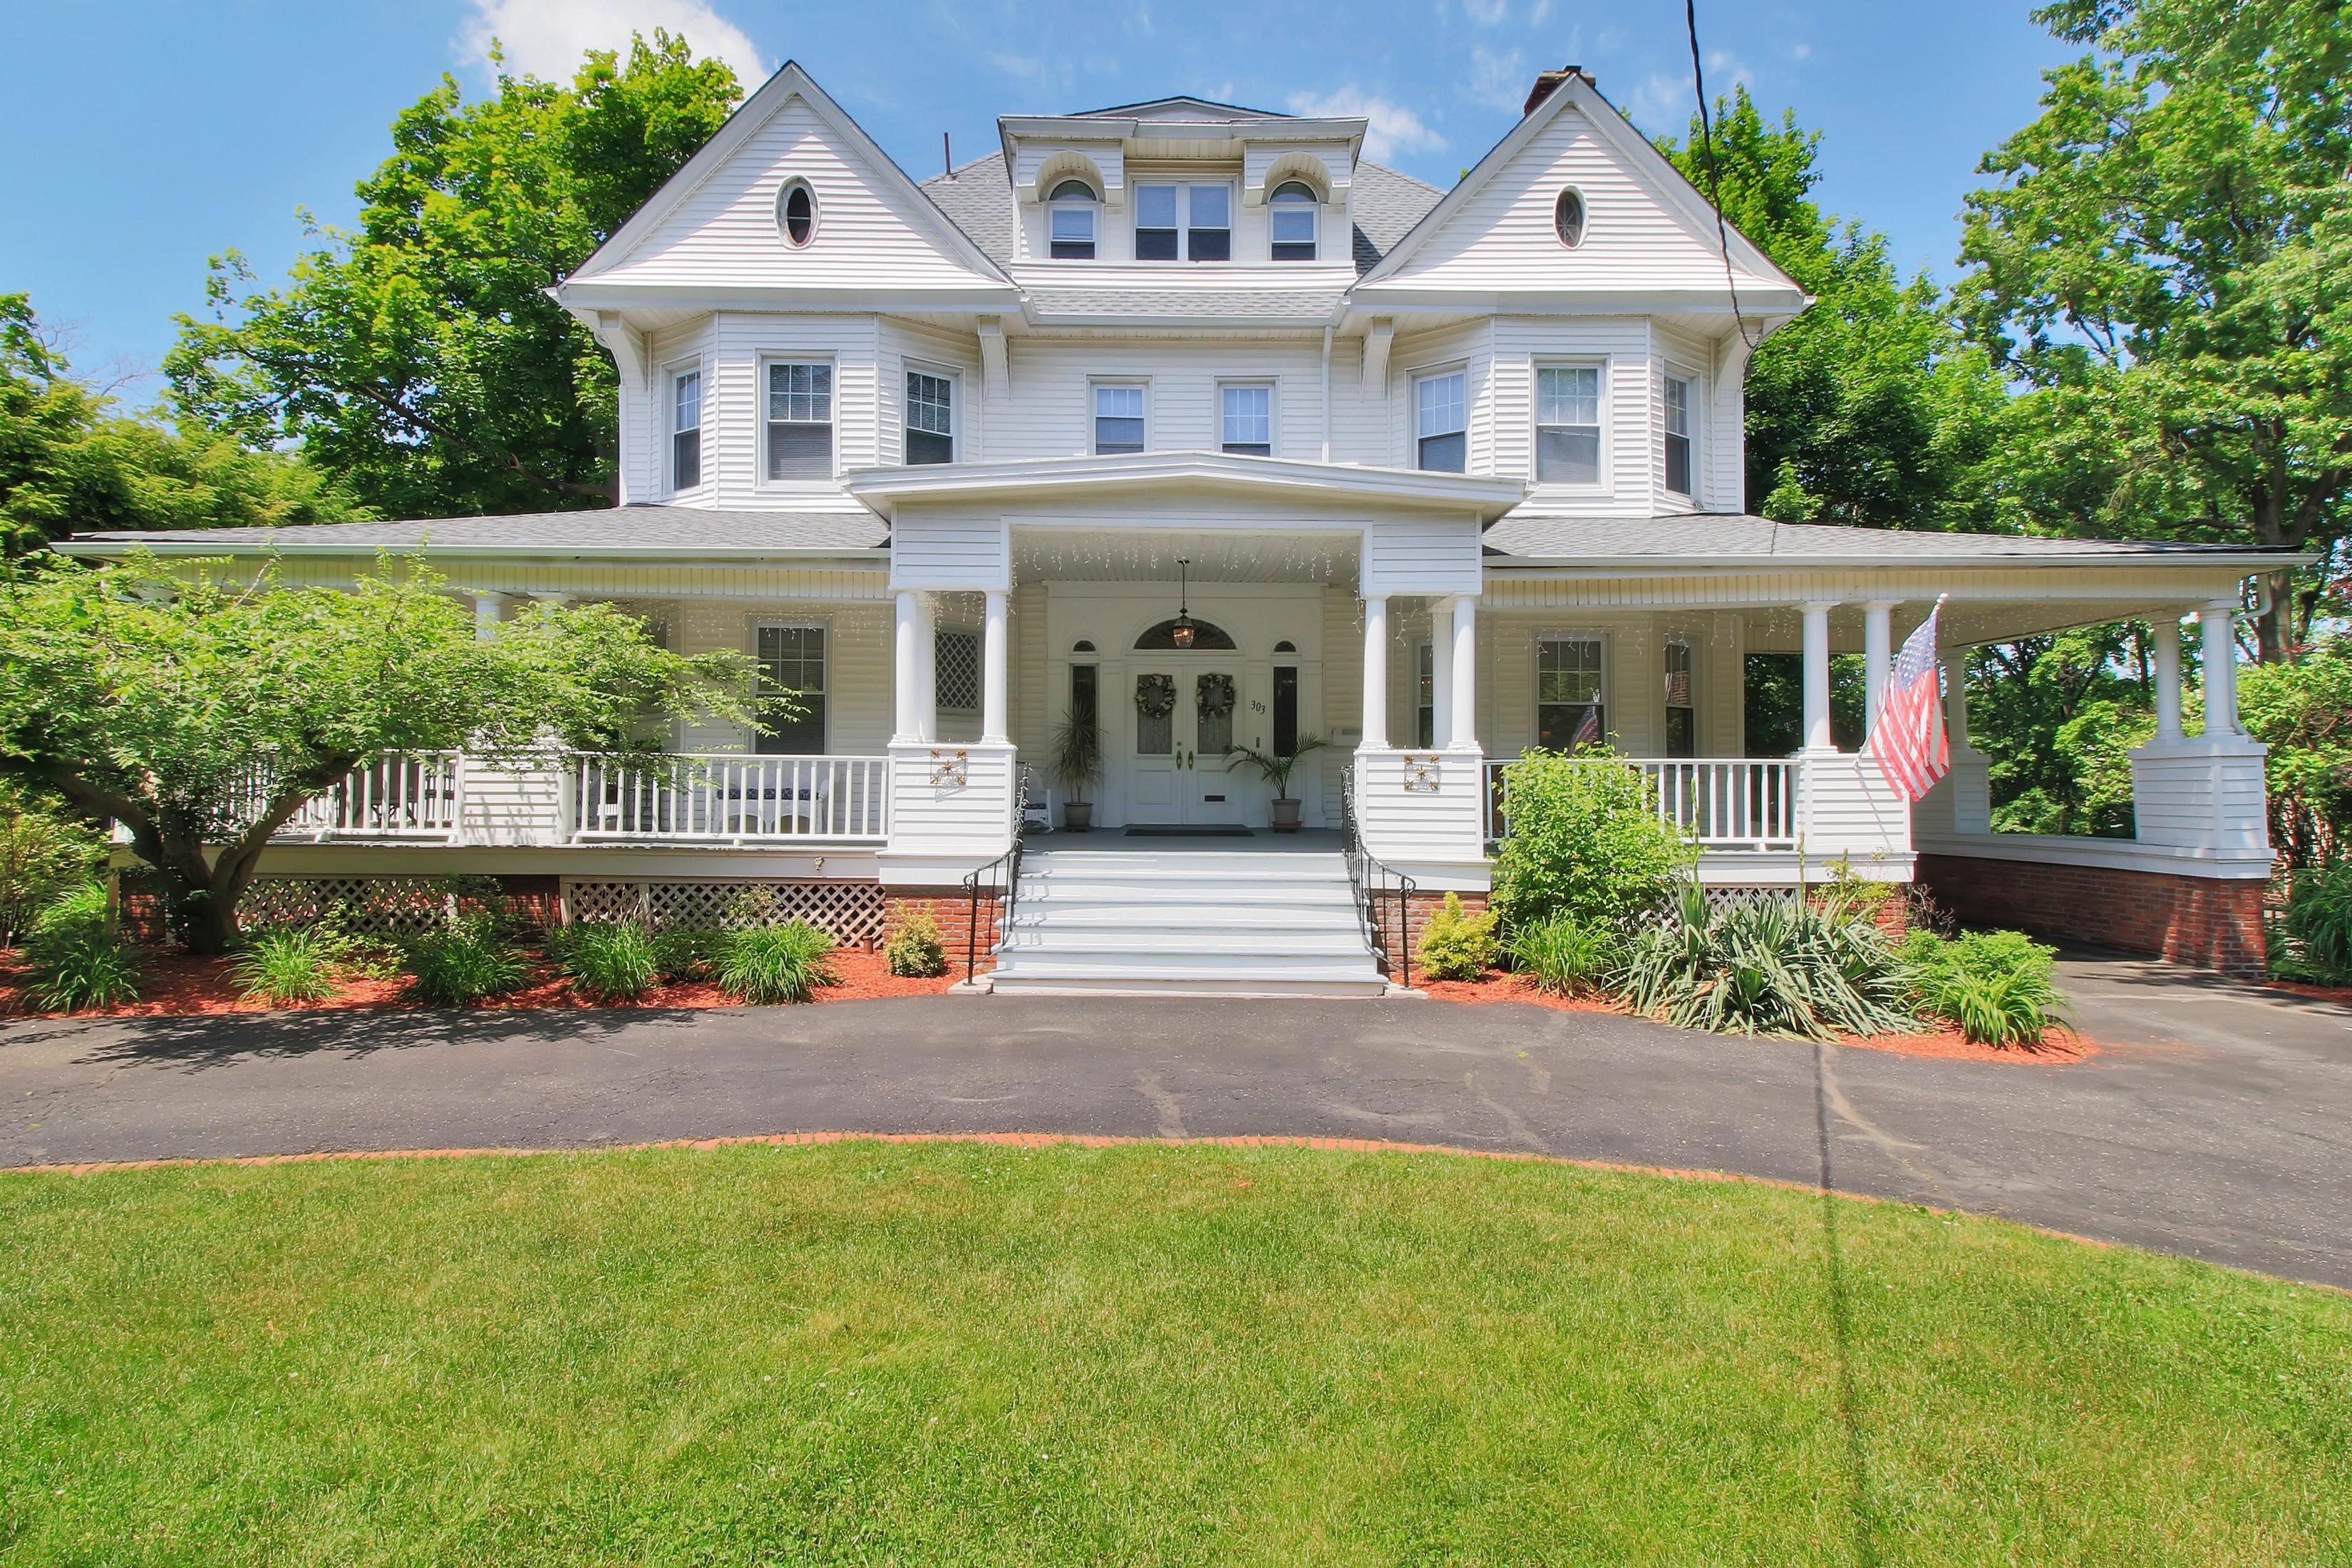 独户住宅 为 销售 在 Meticulous Georgian Colonial. 303 Summit Ave 哈克萨克市, 07601 美国